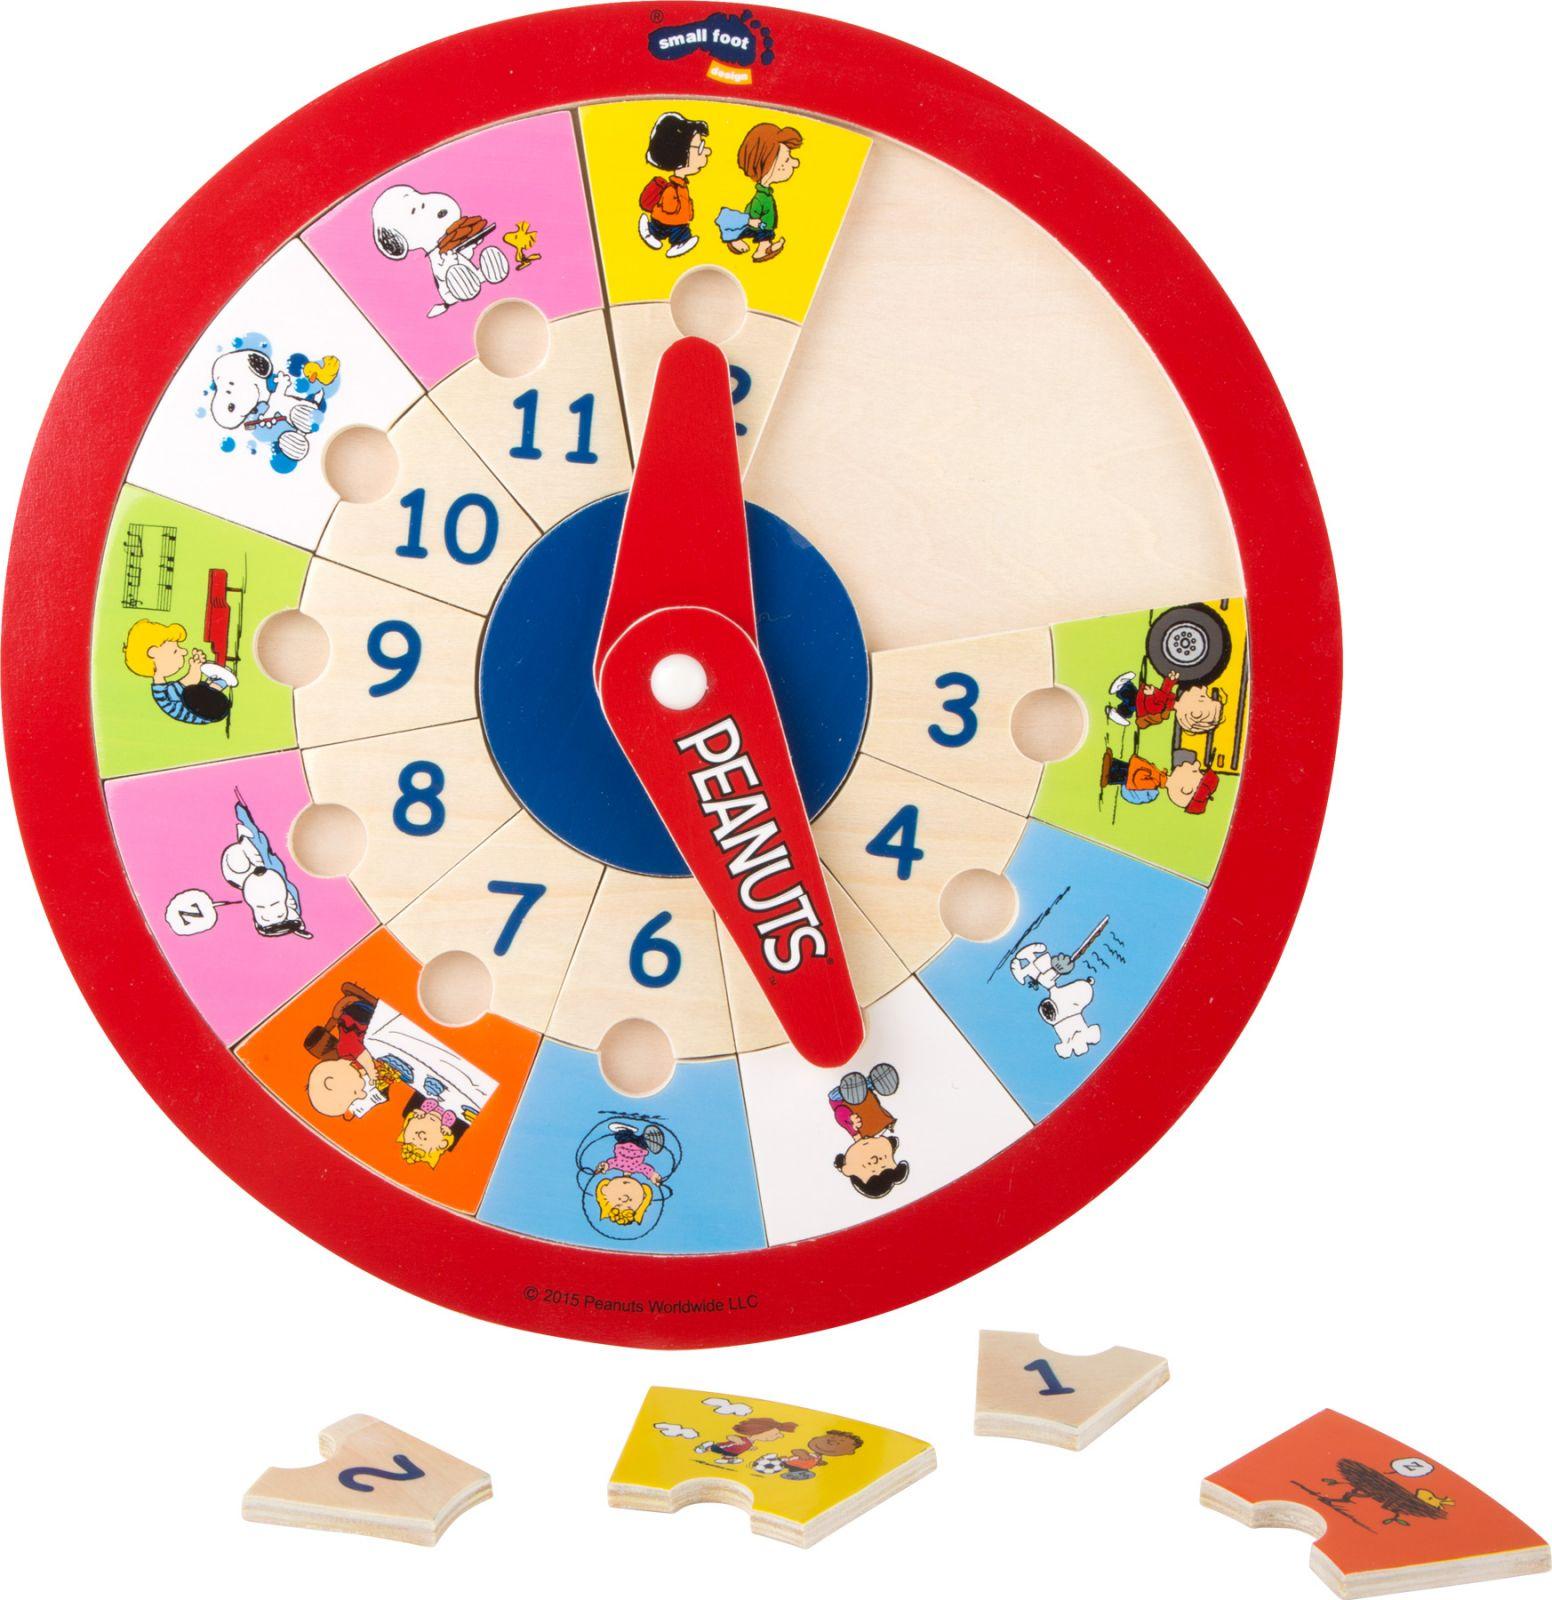 Dřevěné hračky Puzzle hodiny Peanuts Small foot by Legler